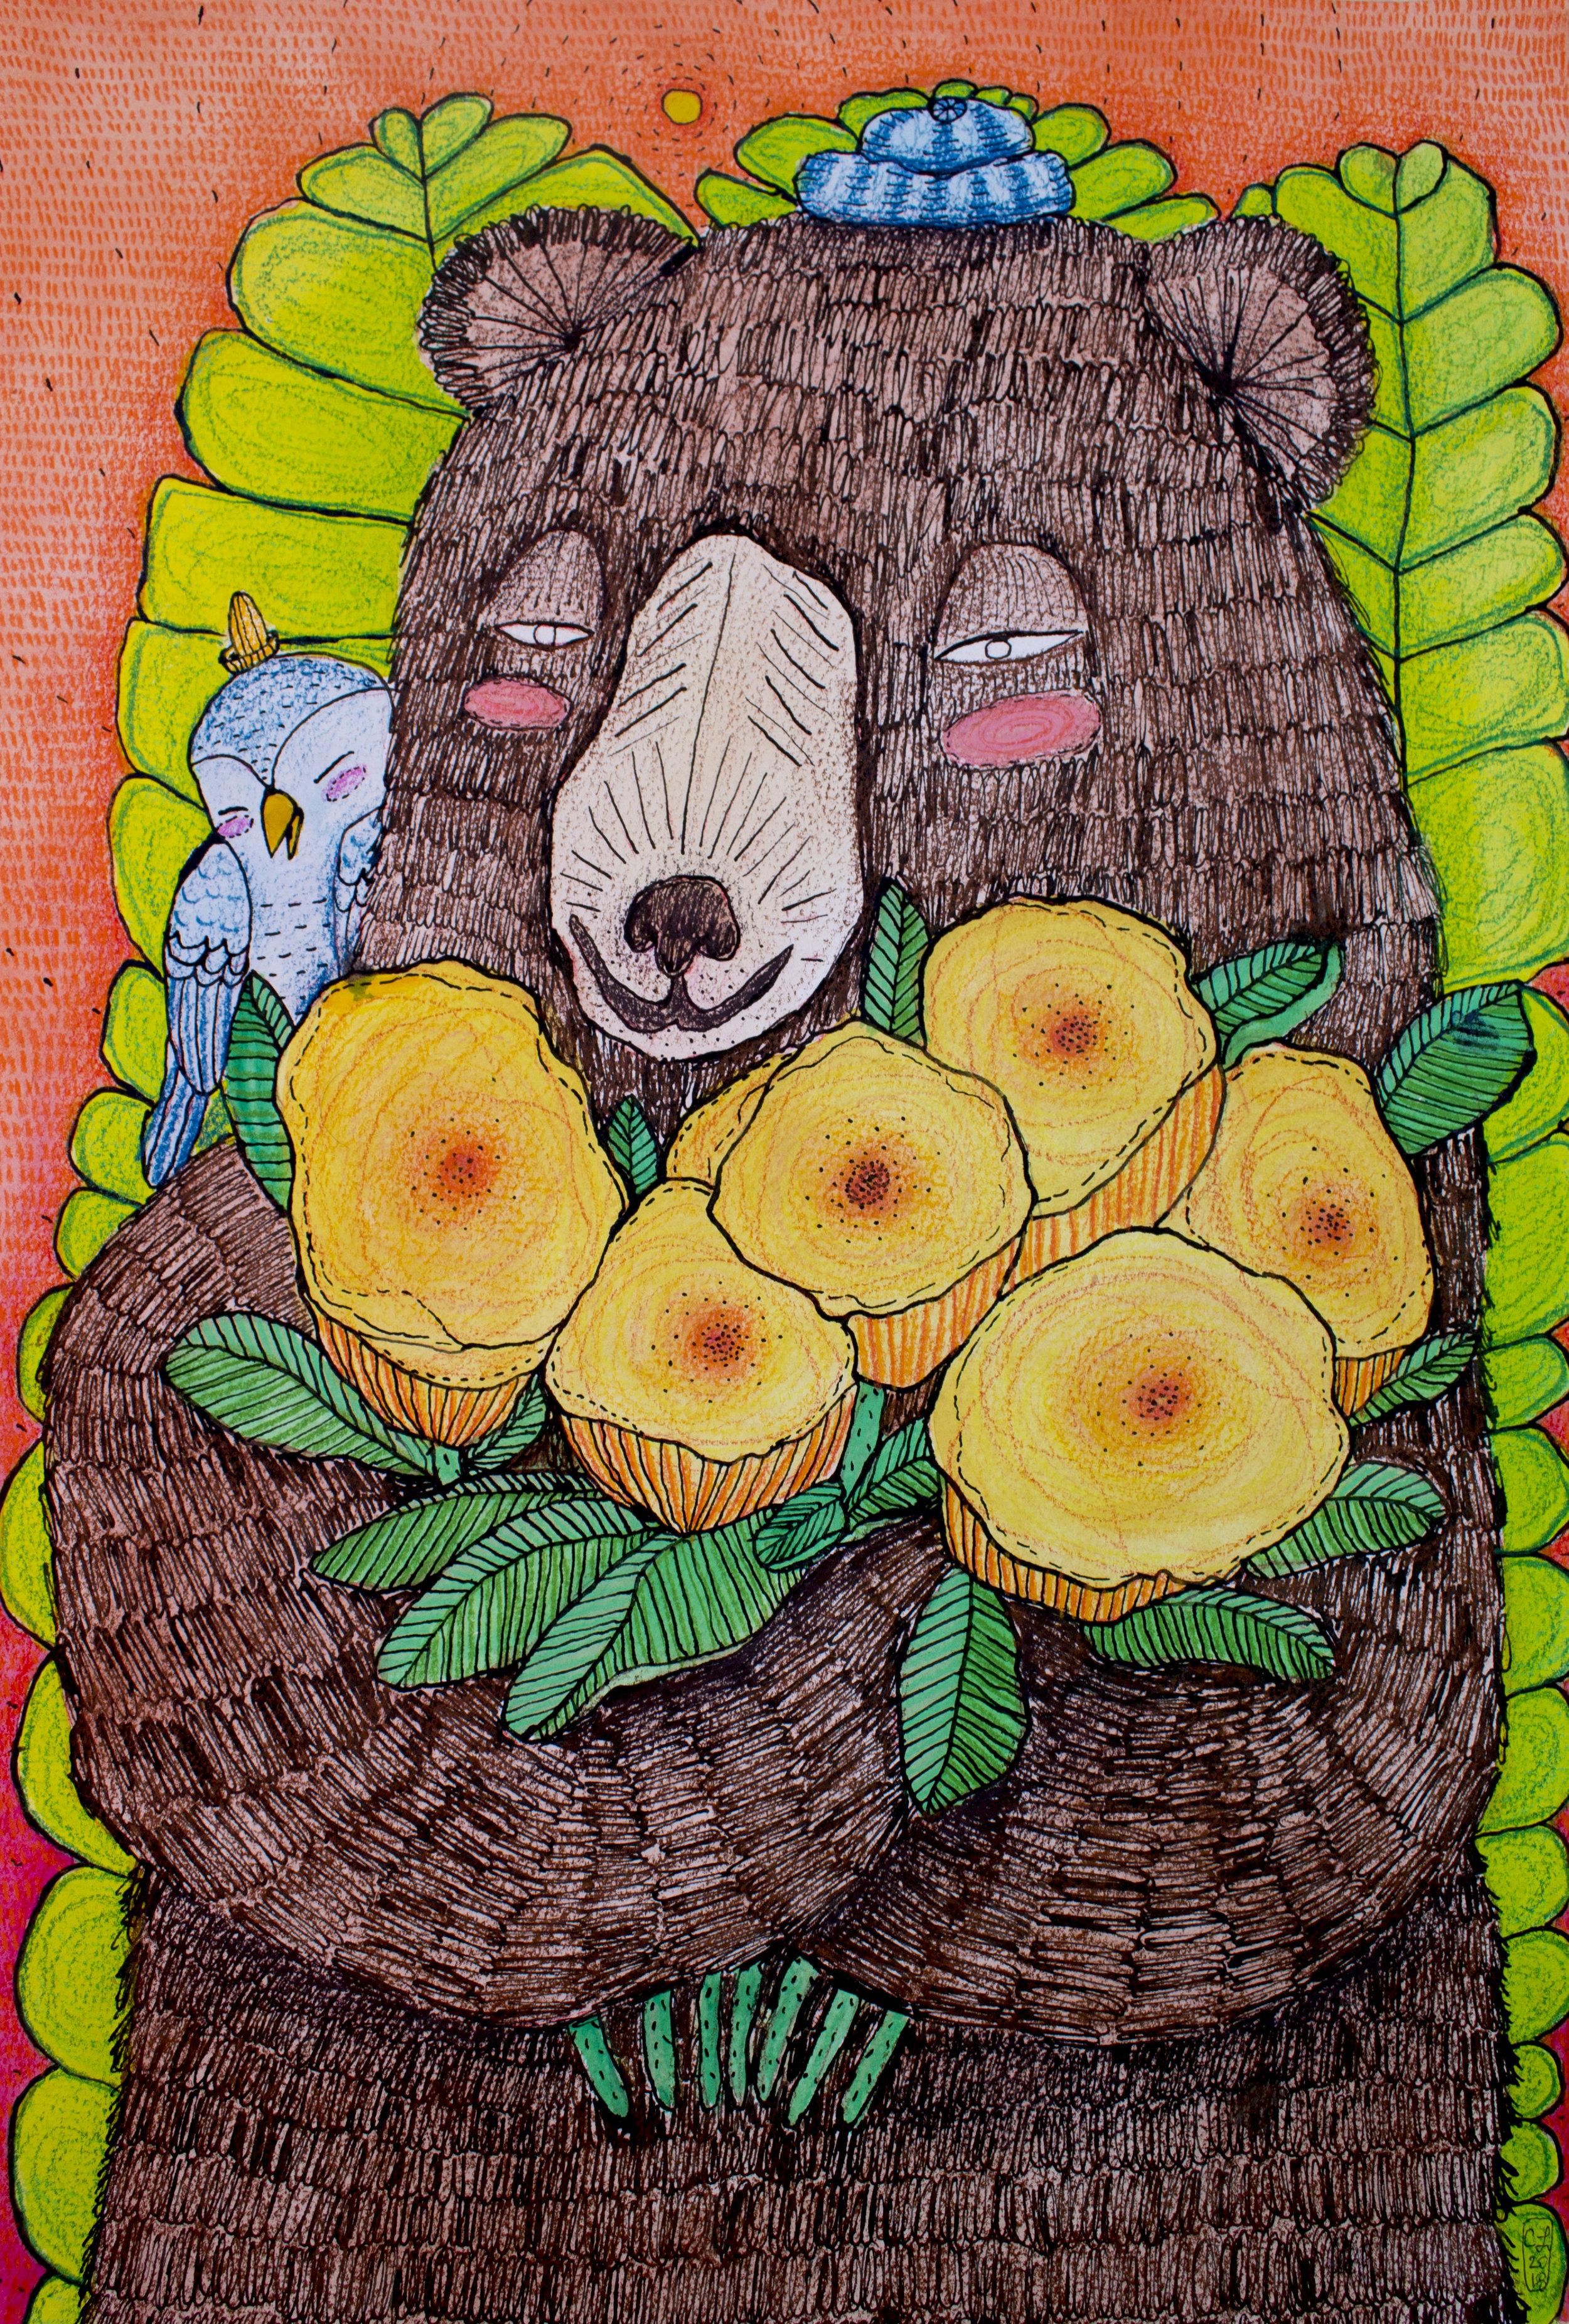 bear illustration.jpg